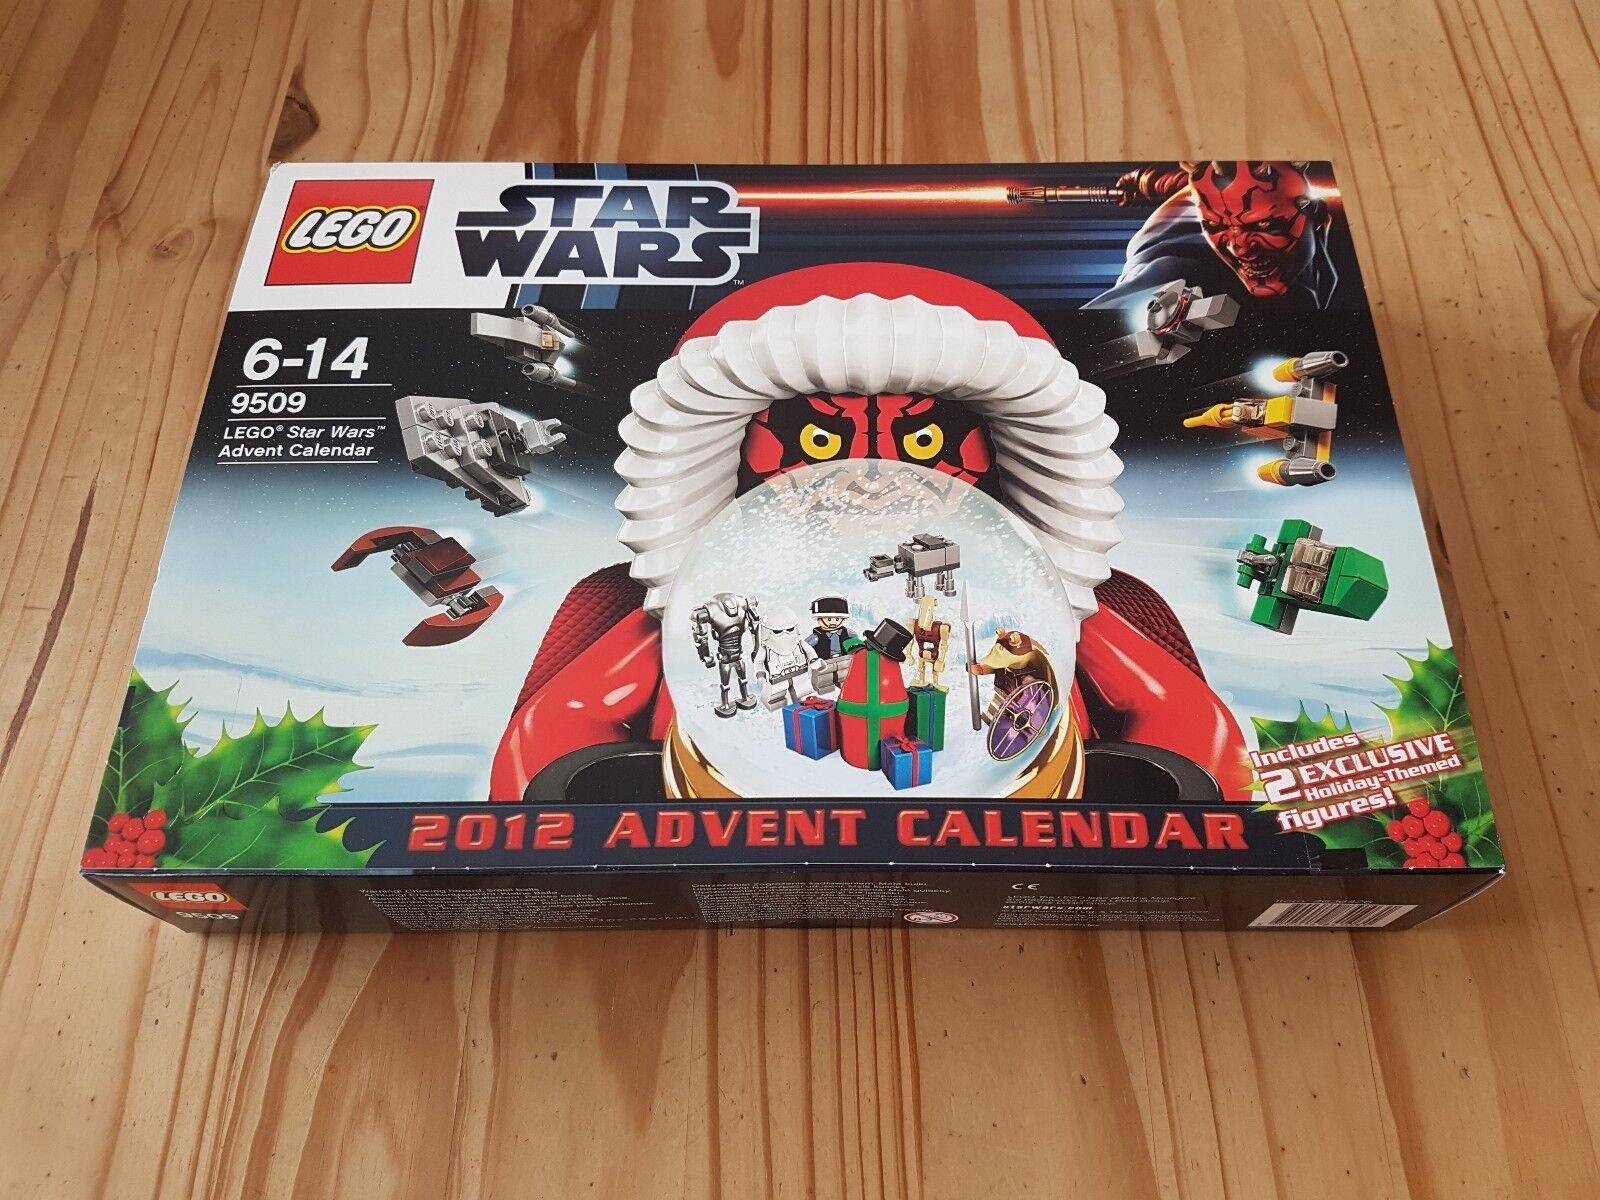 Lego star wars   advent calendar 2012 - 9509 BNISB